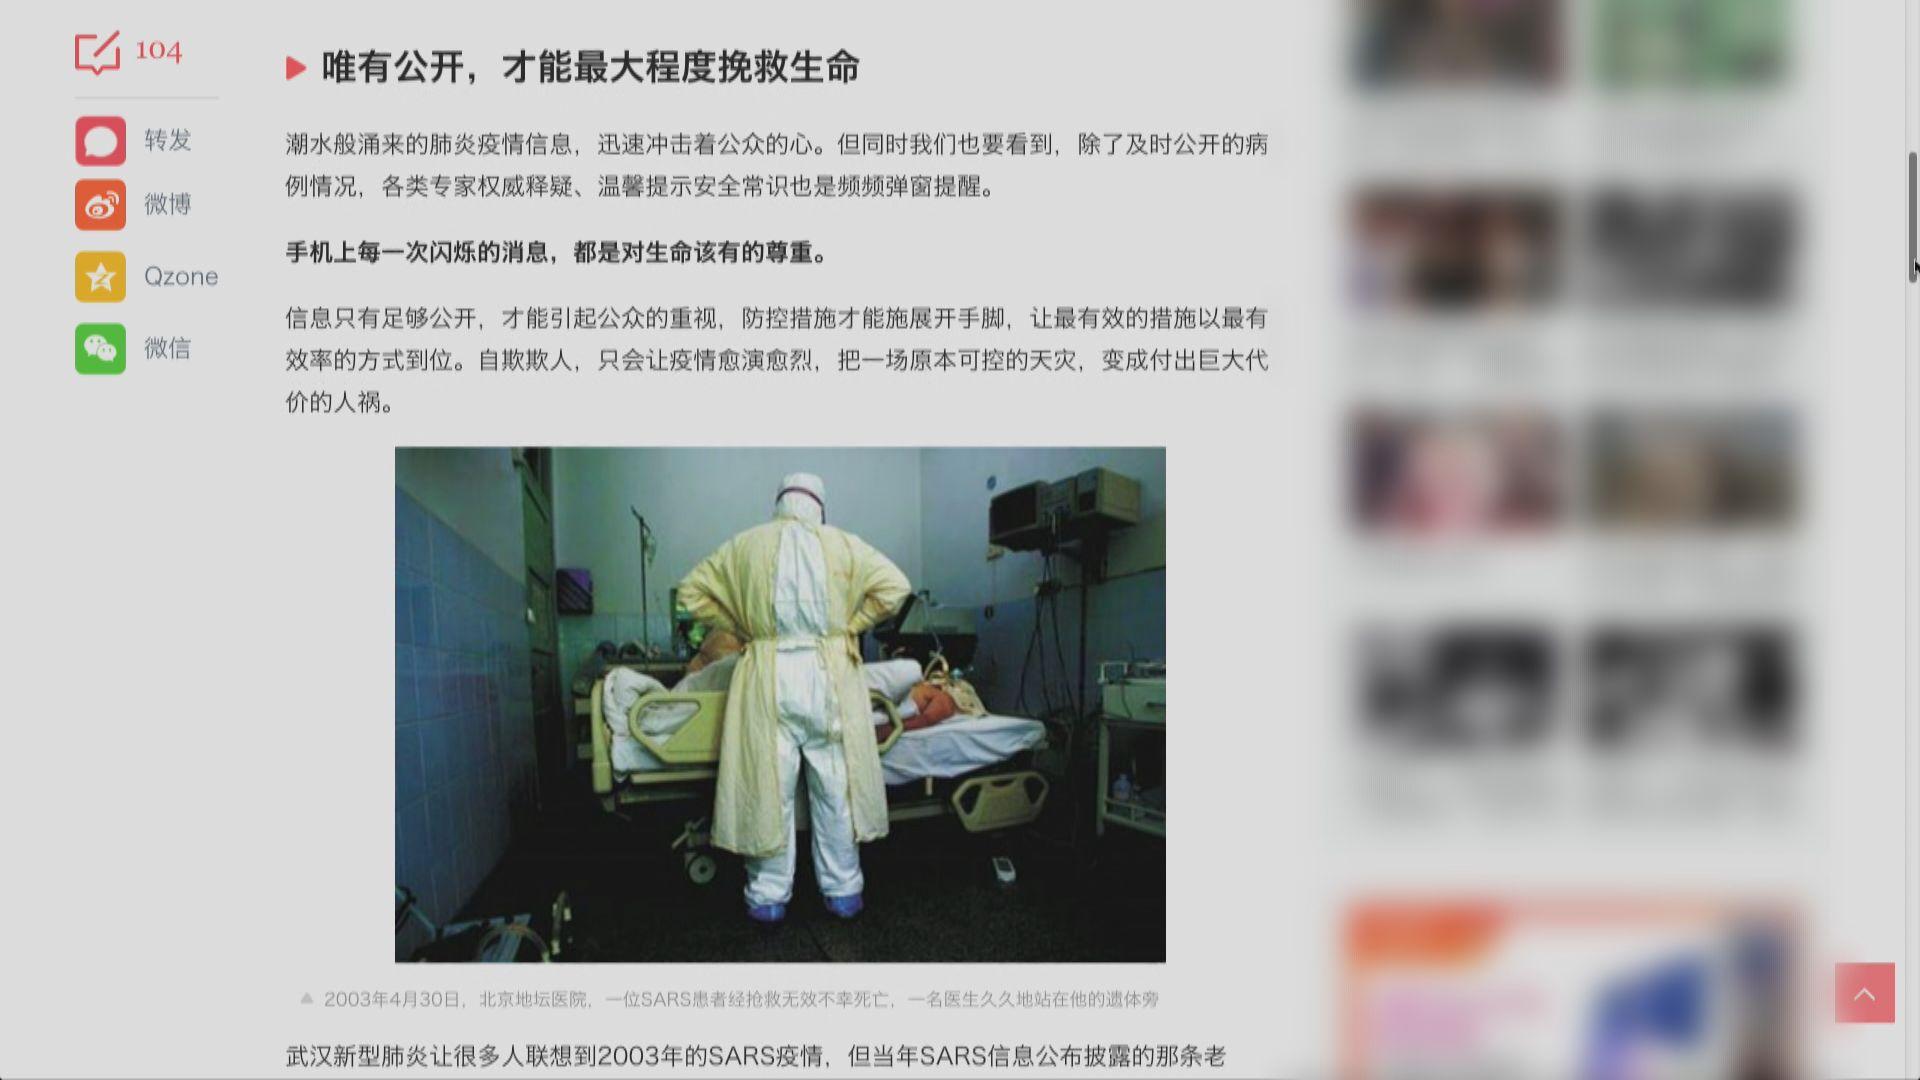 中央政法委:肺炎疫情刻意遲報瞞報是千古罪人